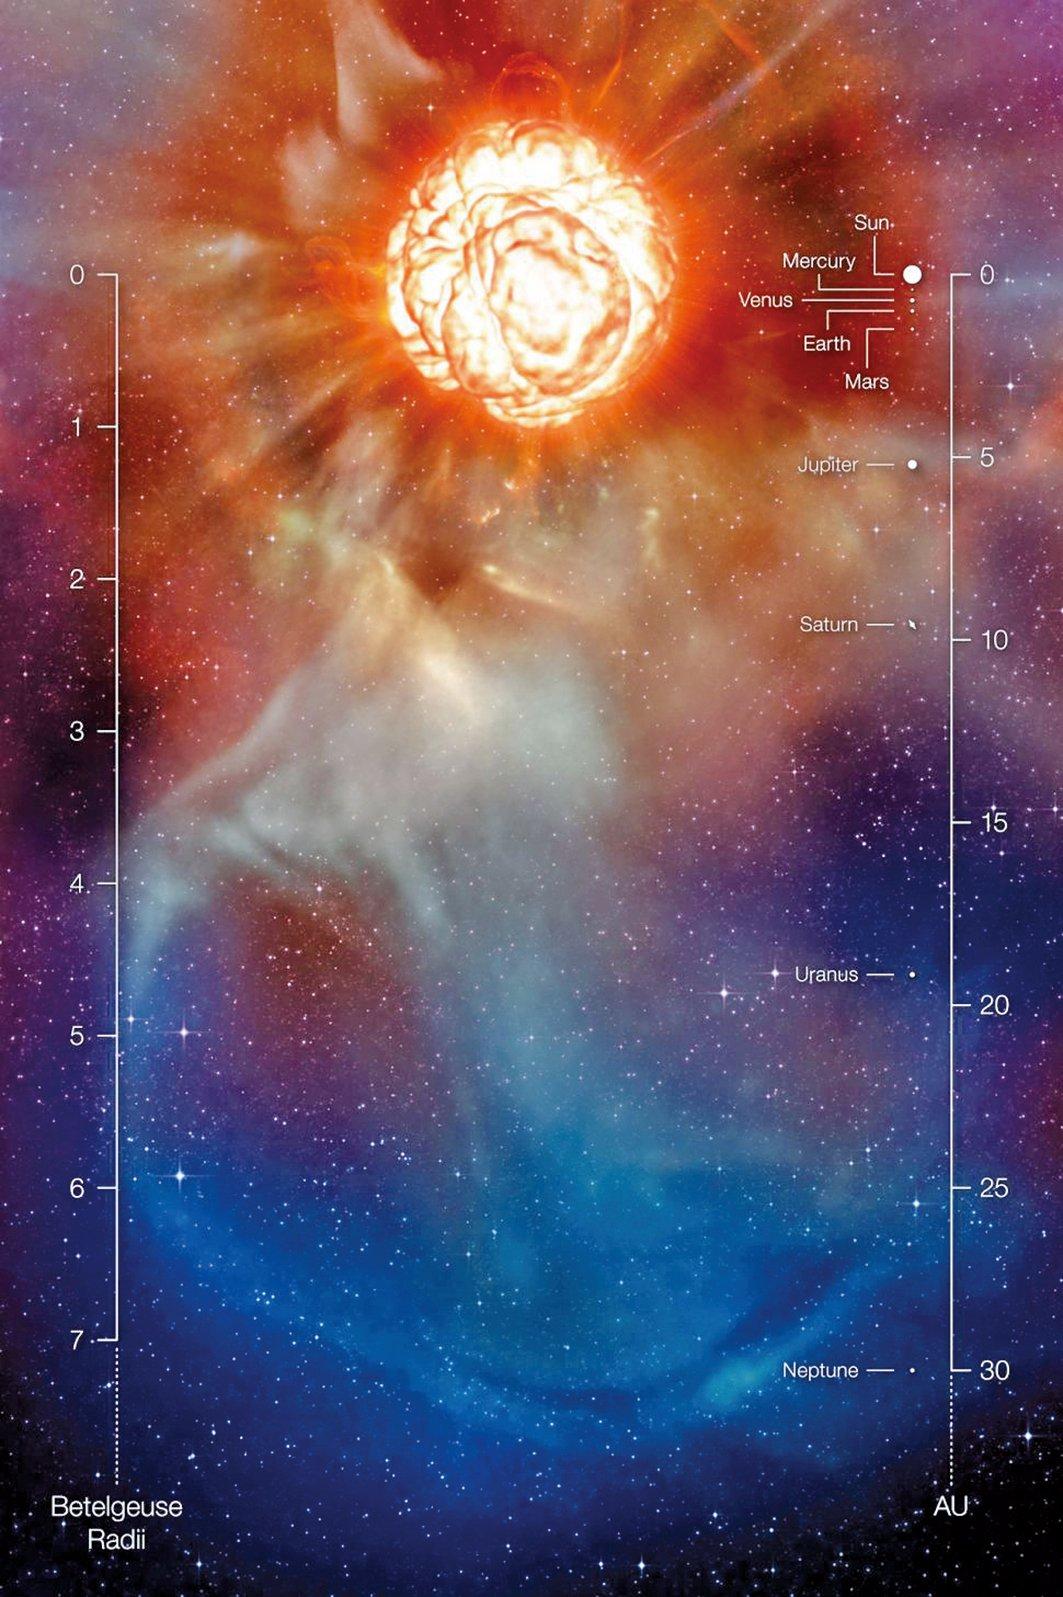 參宿四距地球僅642.5光年,如果它真的變成超新星,將是有史以來觀測到的離地球最近的一顆。在地球上看起來它將持續幾周亮度和月亮差不多,甚至更亮。圖為藝術設想圖,並顯示了其距離太陽系各星球的距離。(ESO/L. Calcada)